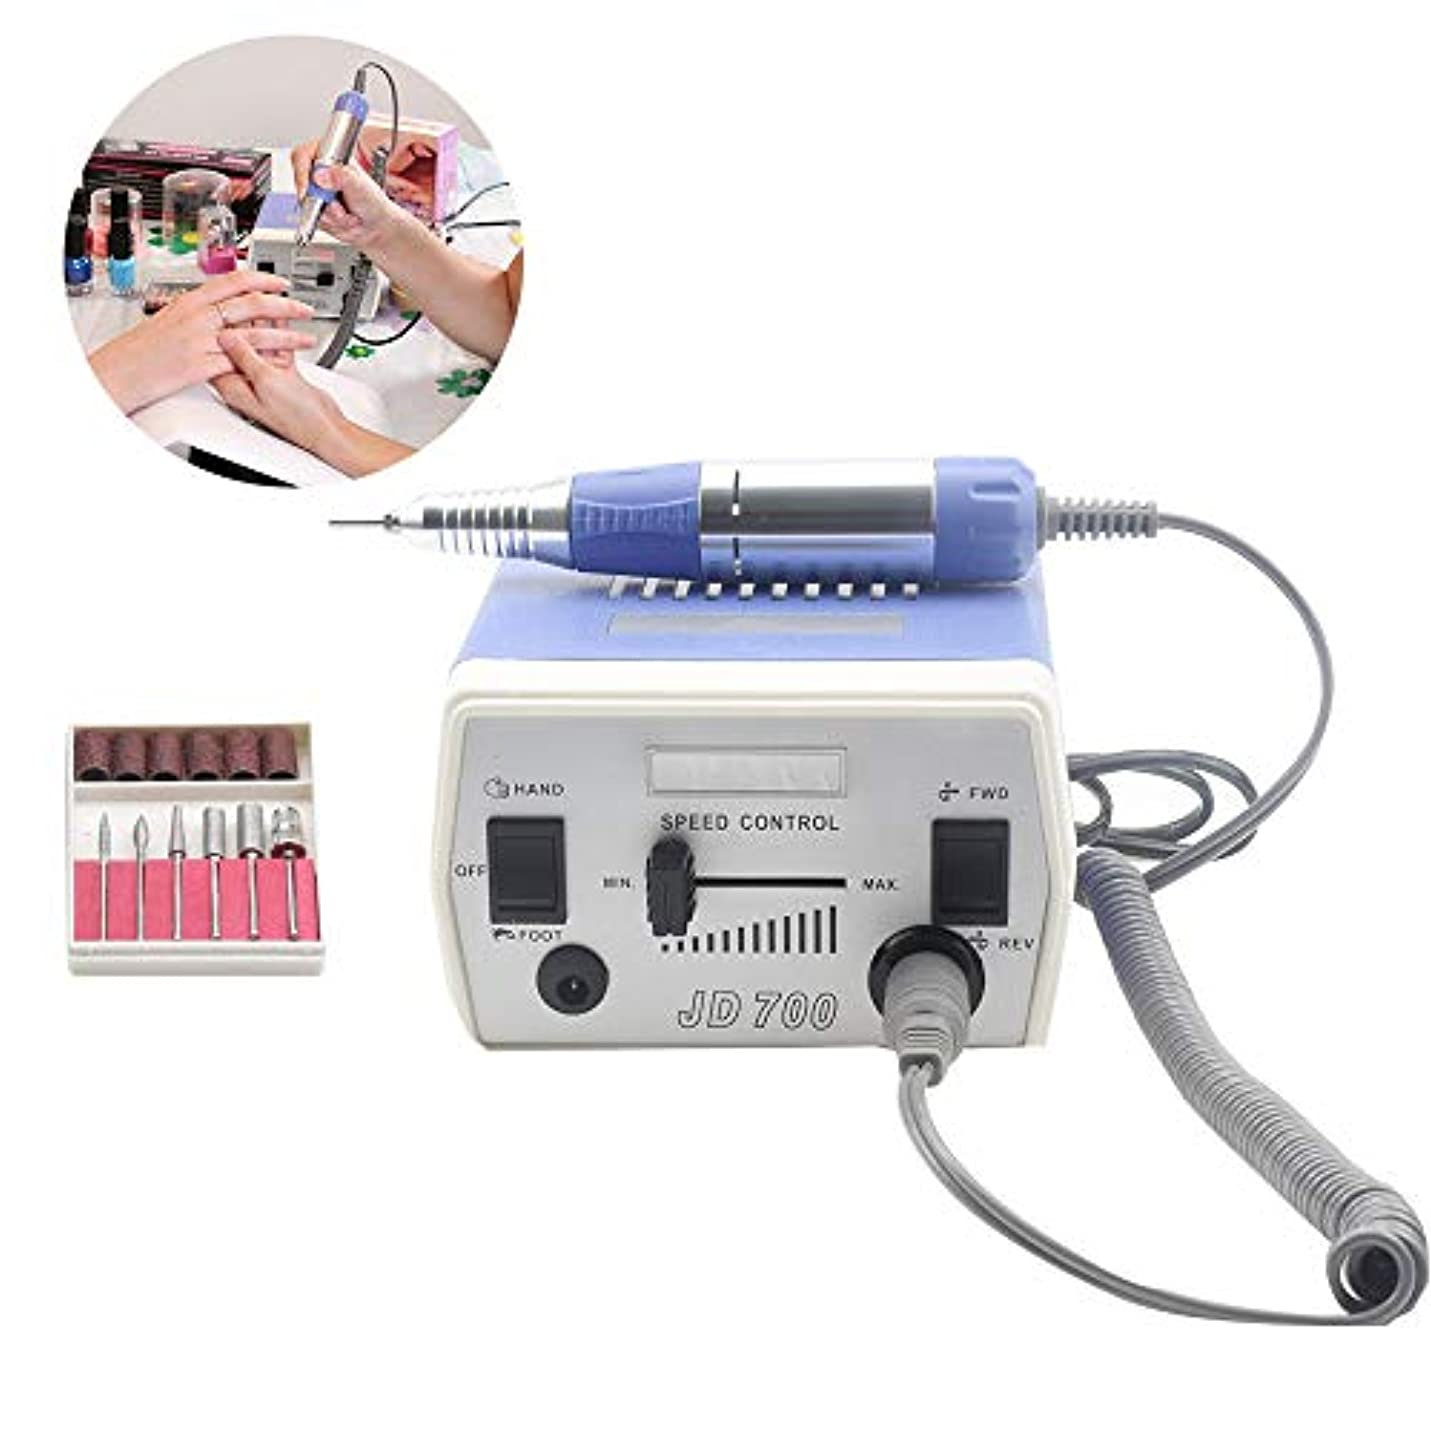 電気釘ドリルペダルスイッチ制御の釘の機械マニキュアのアクリルの低熱の低雑音の低振動の専門の釘機械